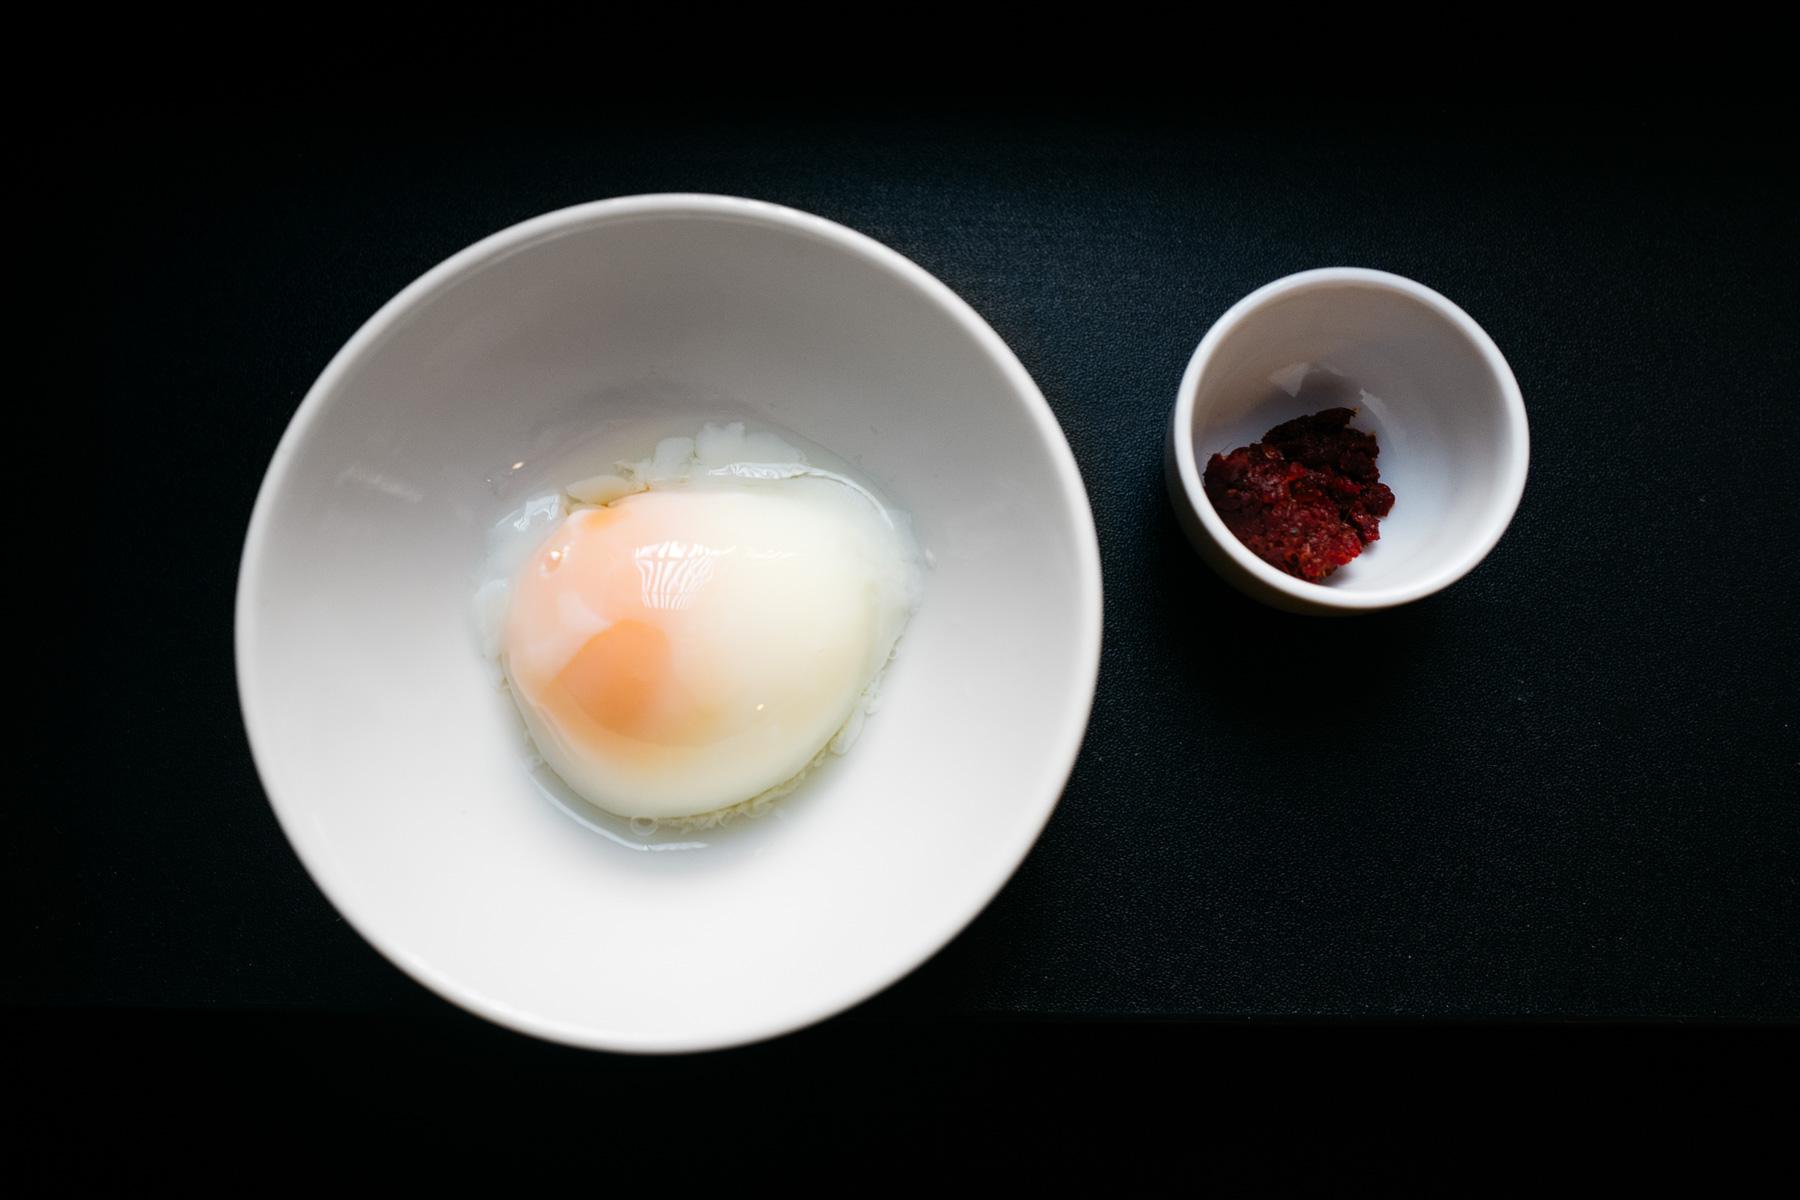 jajko sous vide (onsen tamago) i pasta chilli